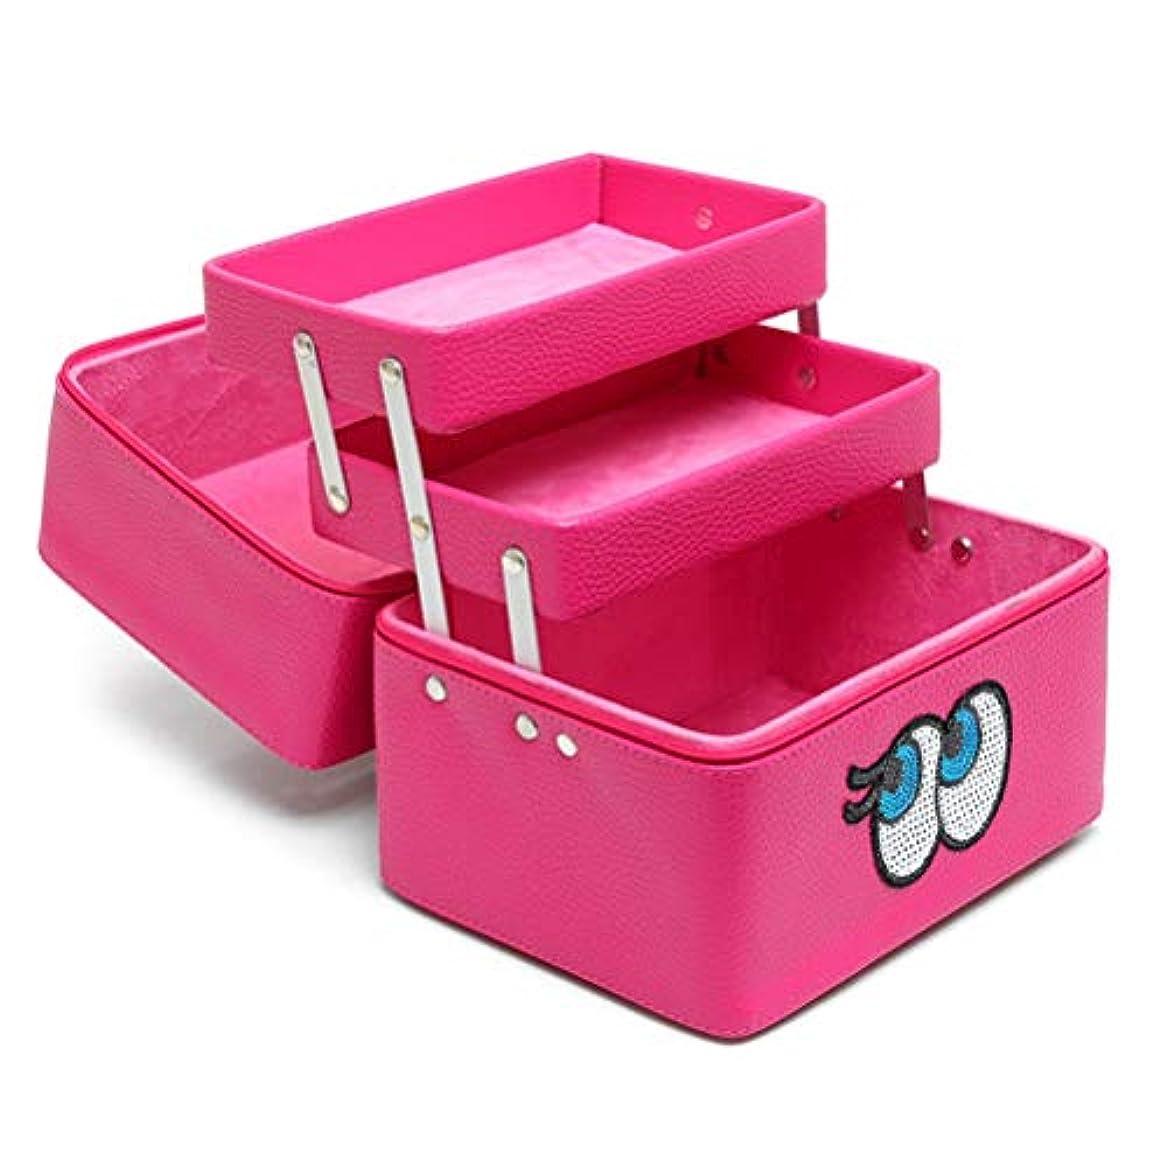 ペレット劇作家させるメイクボックス 化粧品収納ボックス 多層 コスメボックス メイクケース スキンケア用品入れ 中身 コスメ収納 取っ手付き 持ち運び 防水 ファスナー 可愛い 防塵 鏡付き 機能的 プロ 化粧BOX